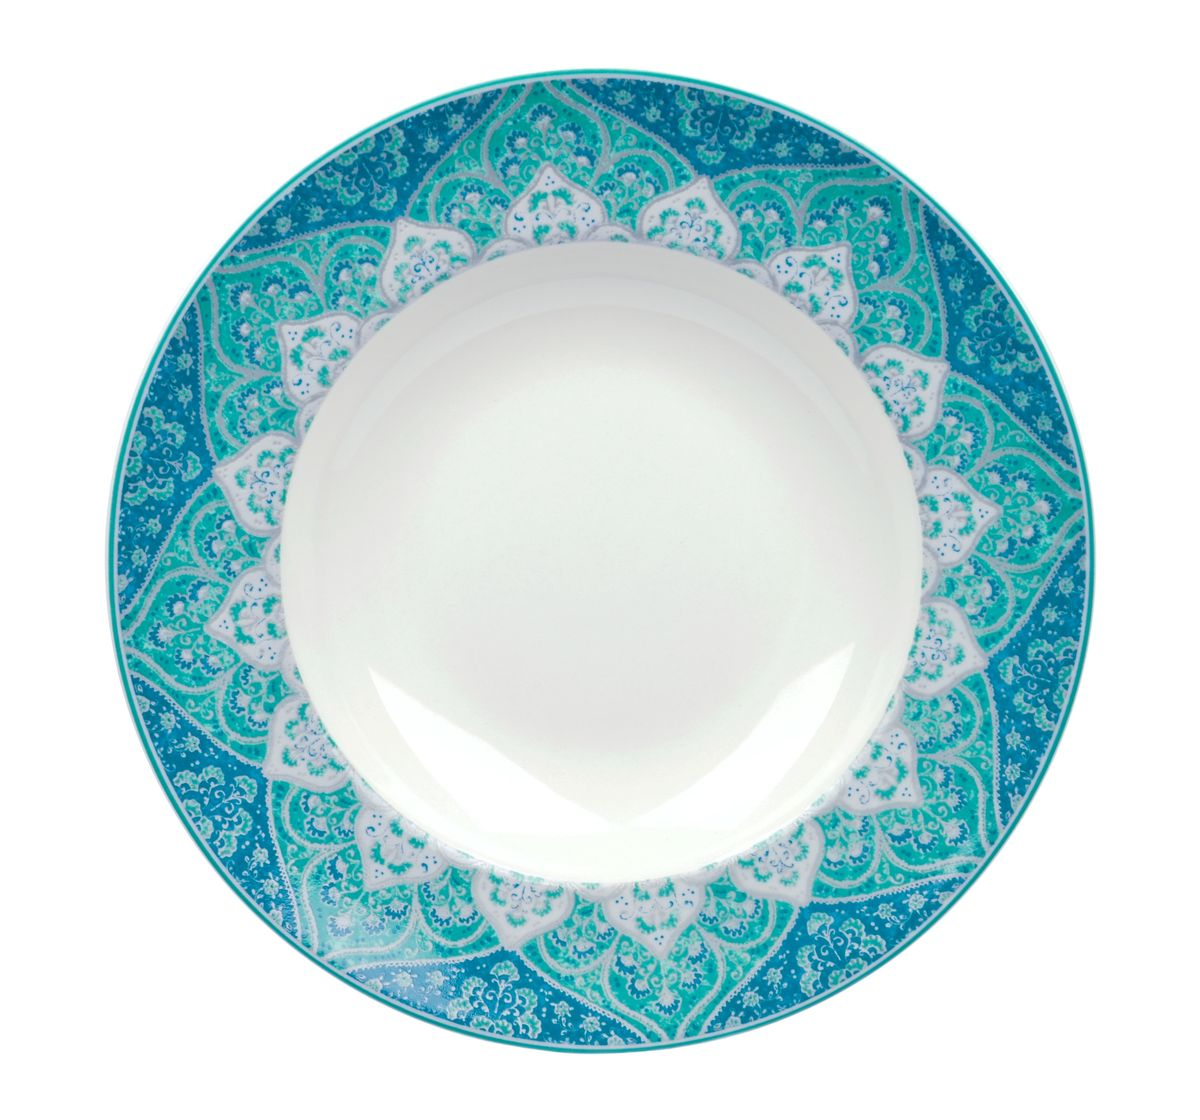 Тарелка глубокая Utana Кашан Блю, диаметр 24 смUTKB94920Тарелка Utana Кашан Блю изготовлена из высококачественной керамики. Предназначена для подачи супа или салата. Изделие декорировано оригинальным орнаментом. Такая тарелка украсит сервировку стола и подчеркнет прекрасный вкус хозяйки.Можно мыть в посудомоечной машине и использовать в СВЧ. Диаметр: 24 см.Высота: 4,5 см.